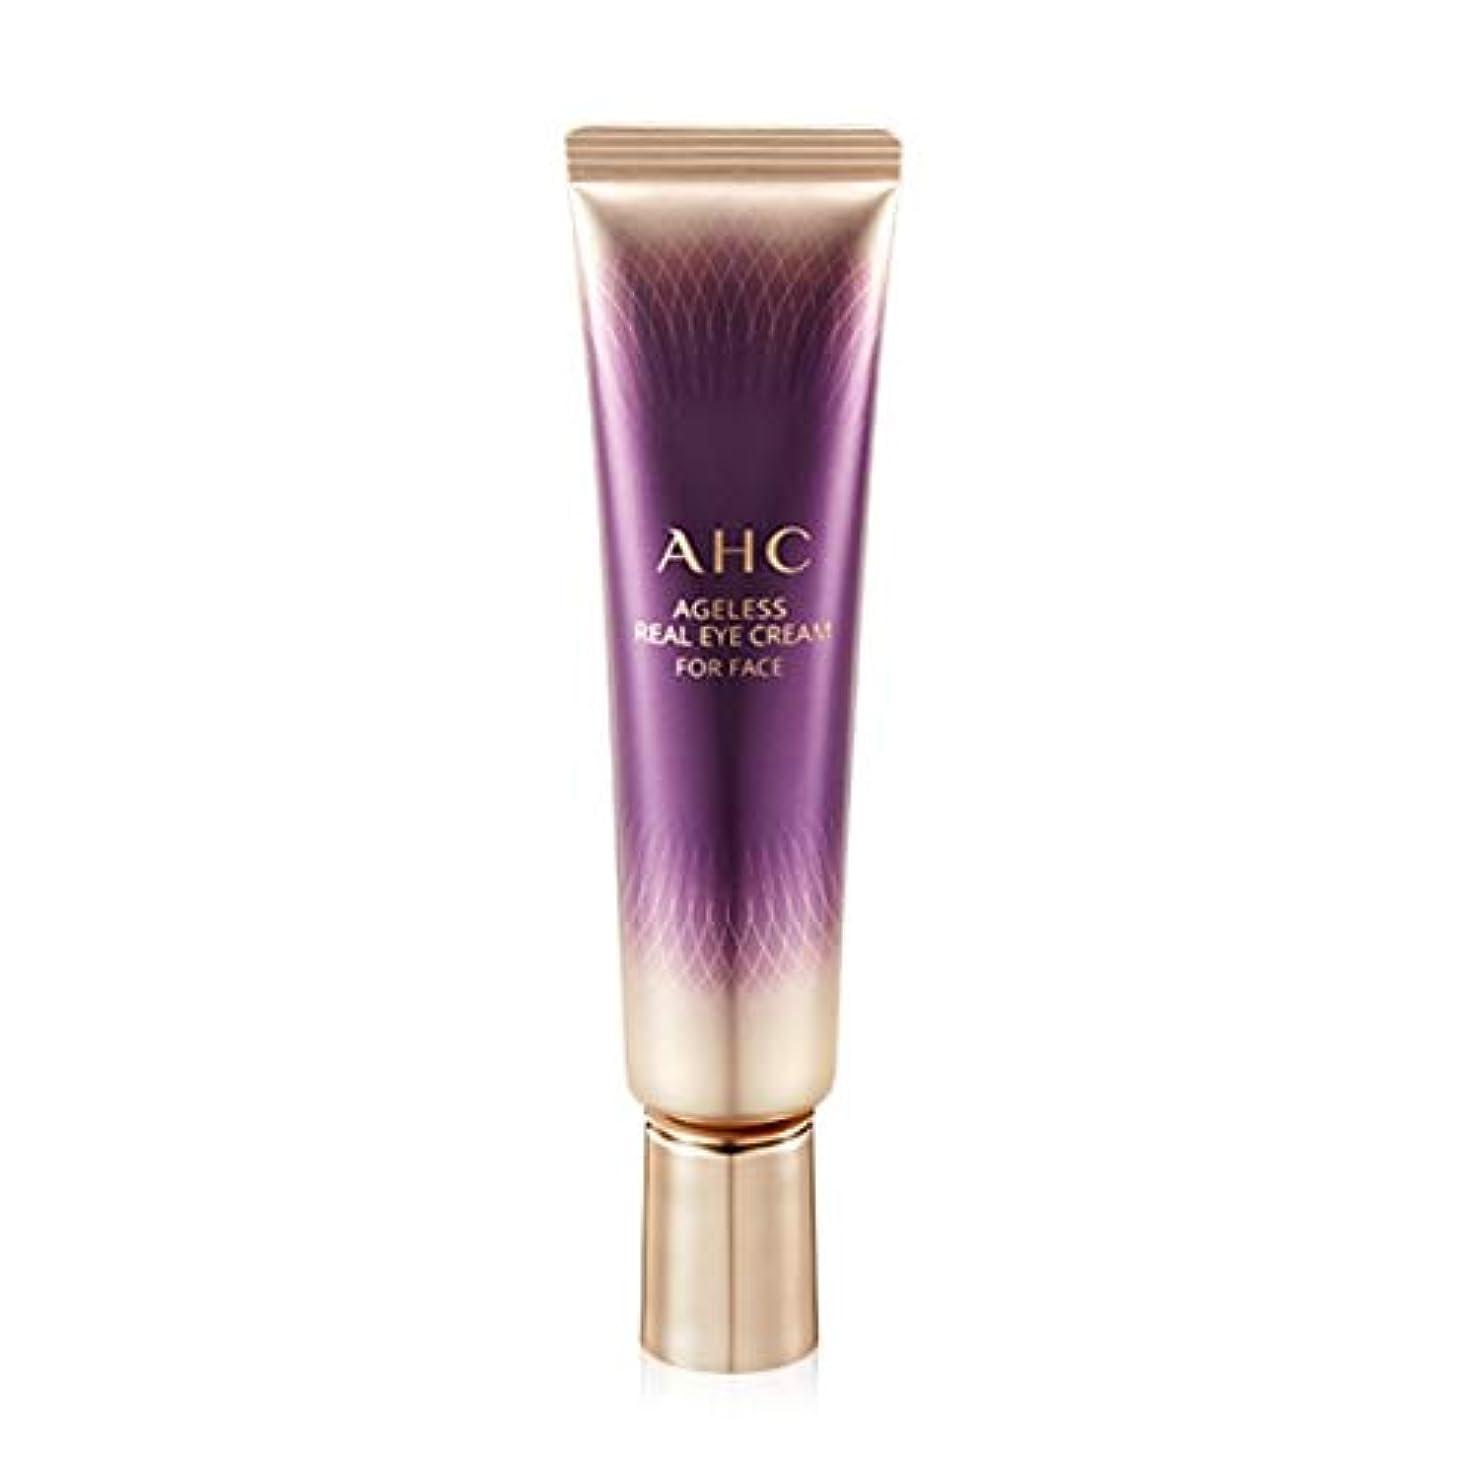 しゃがむ気質不安[New] AHC Ageless Real Eye Cream For Face Season 7 30ml / AHC エイジレス リアル アイクリーム フォーフェイス 30ml [並行輸入品]